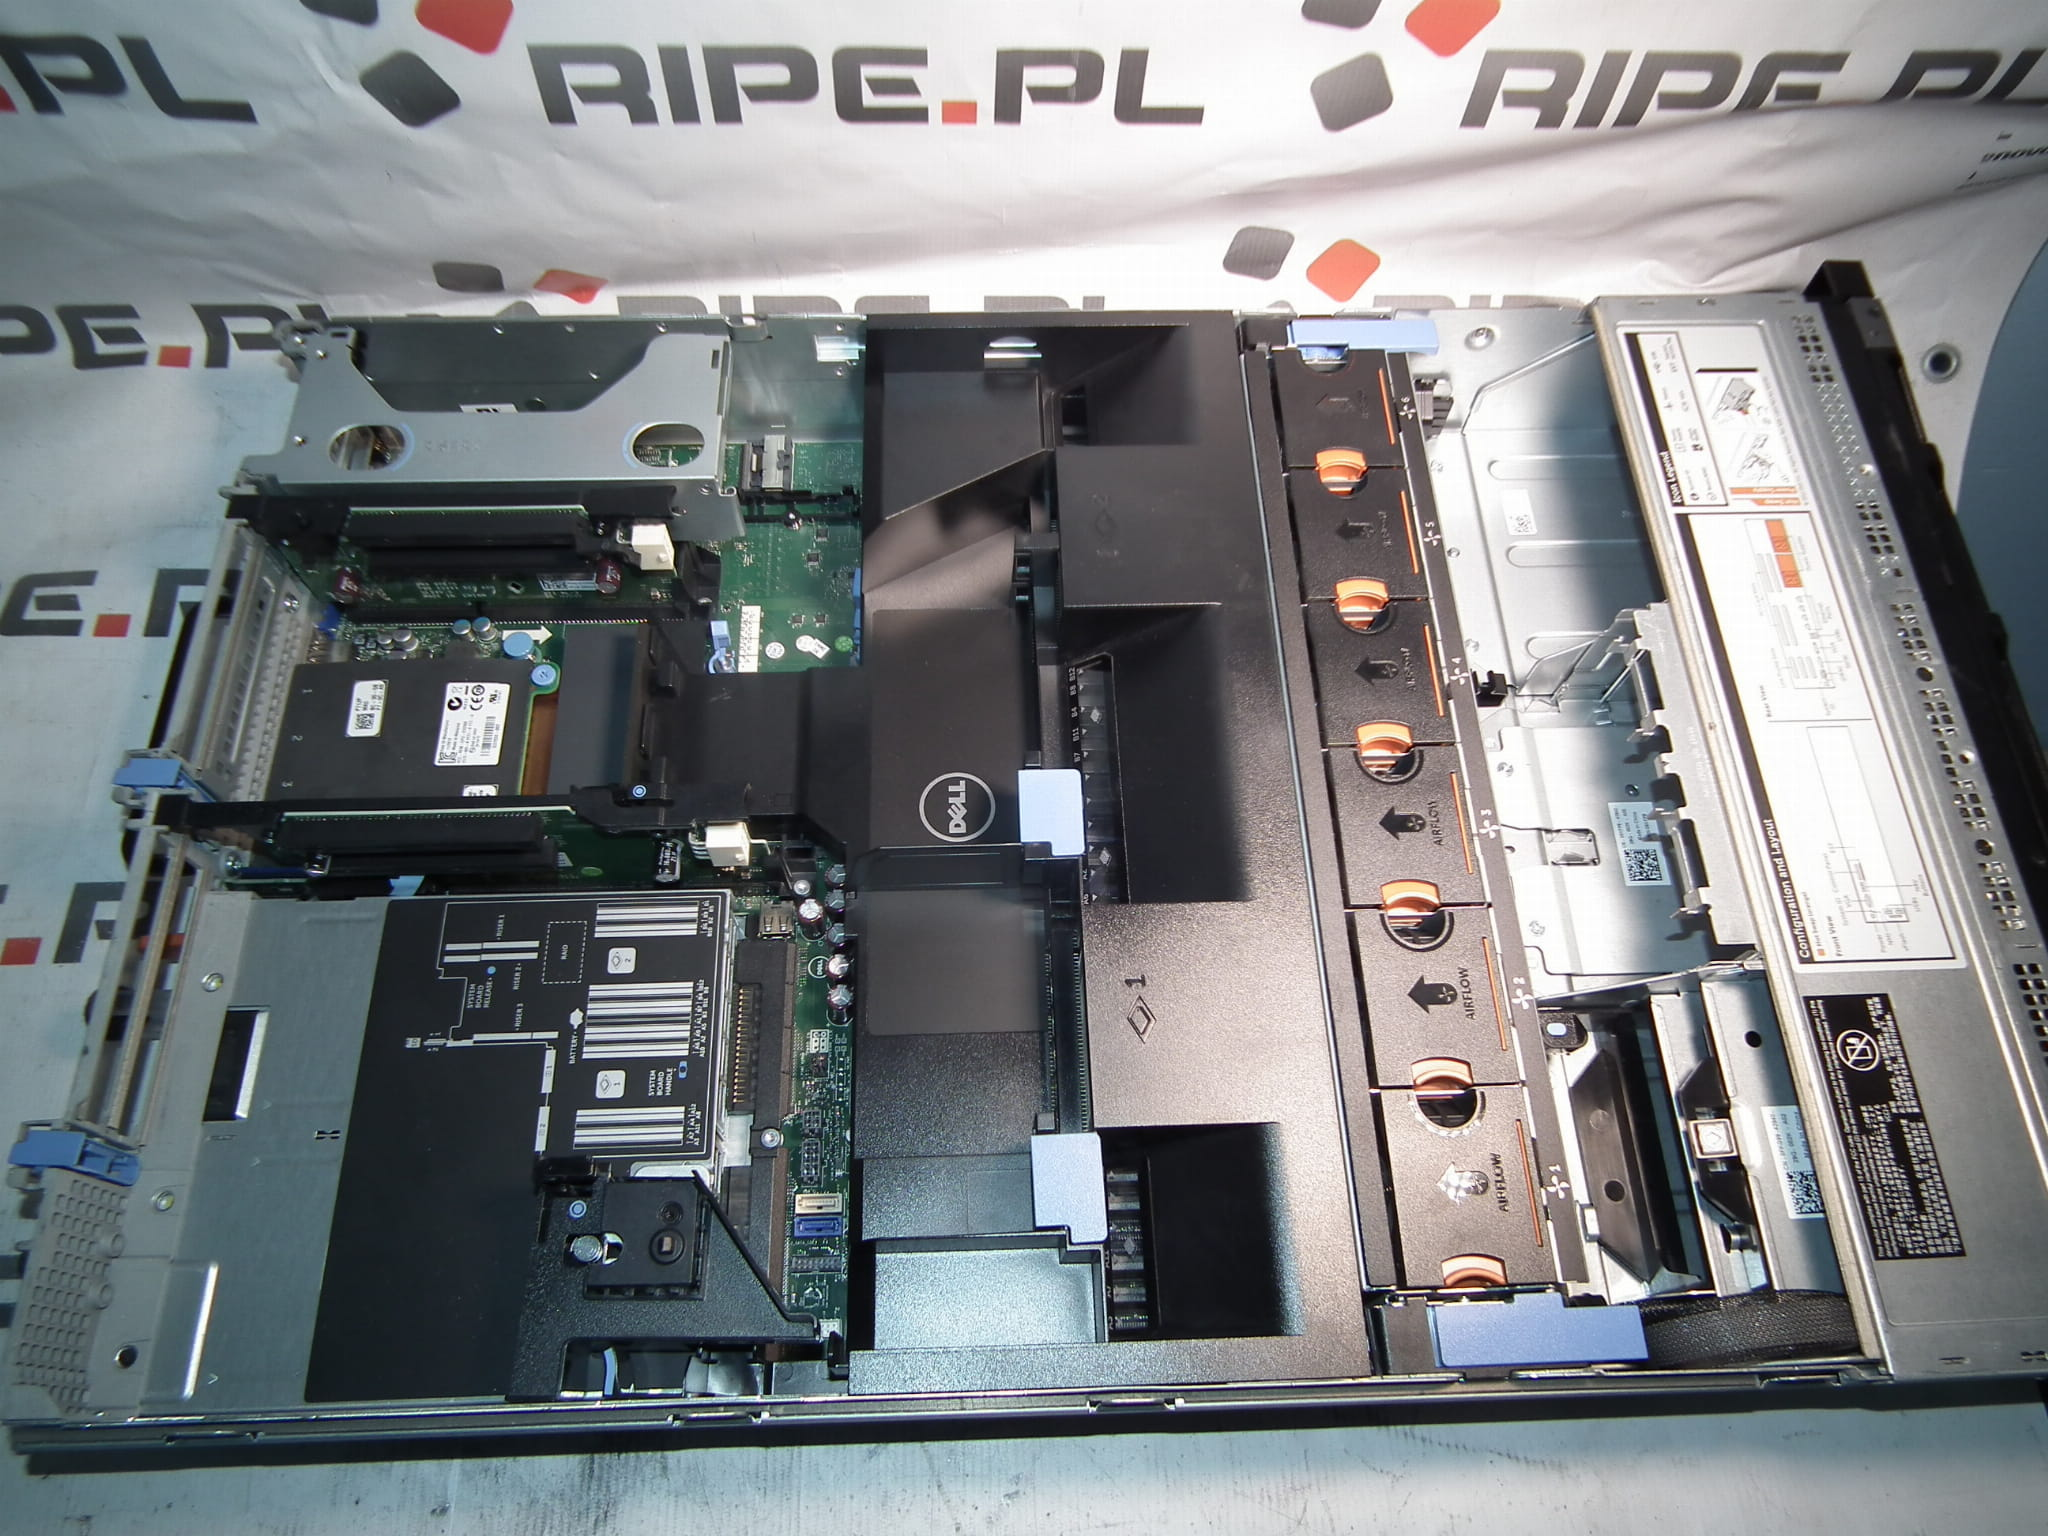 DELL compellent sc8000 2x E5-2620 2x PSU 16gb ram